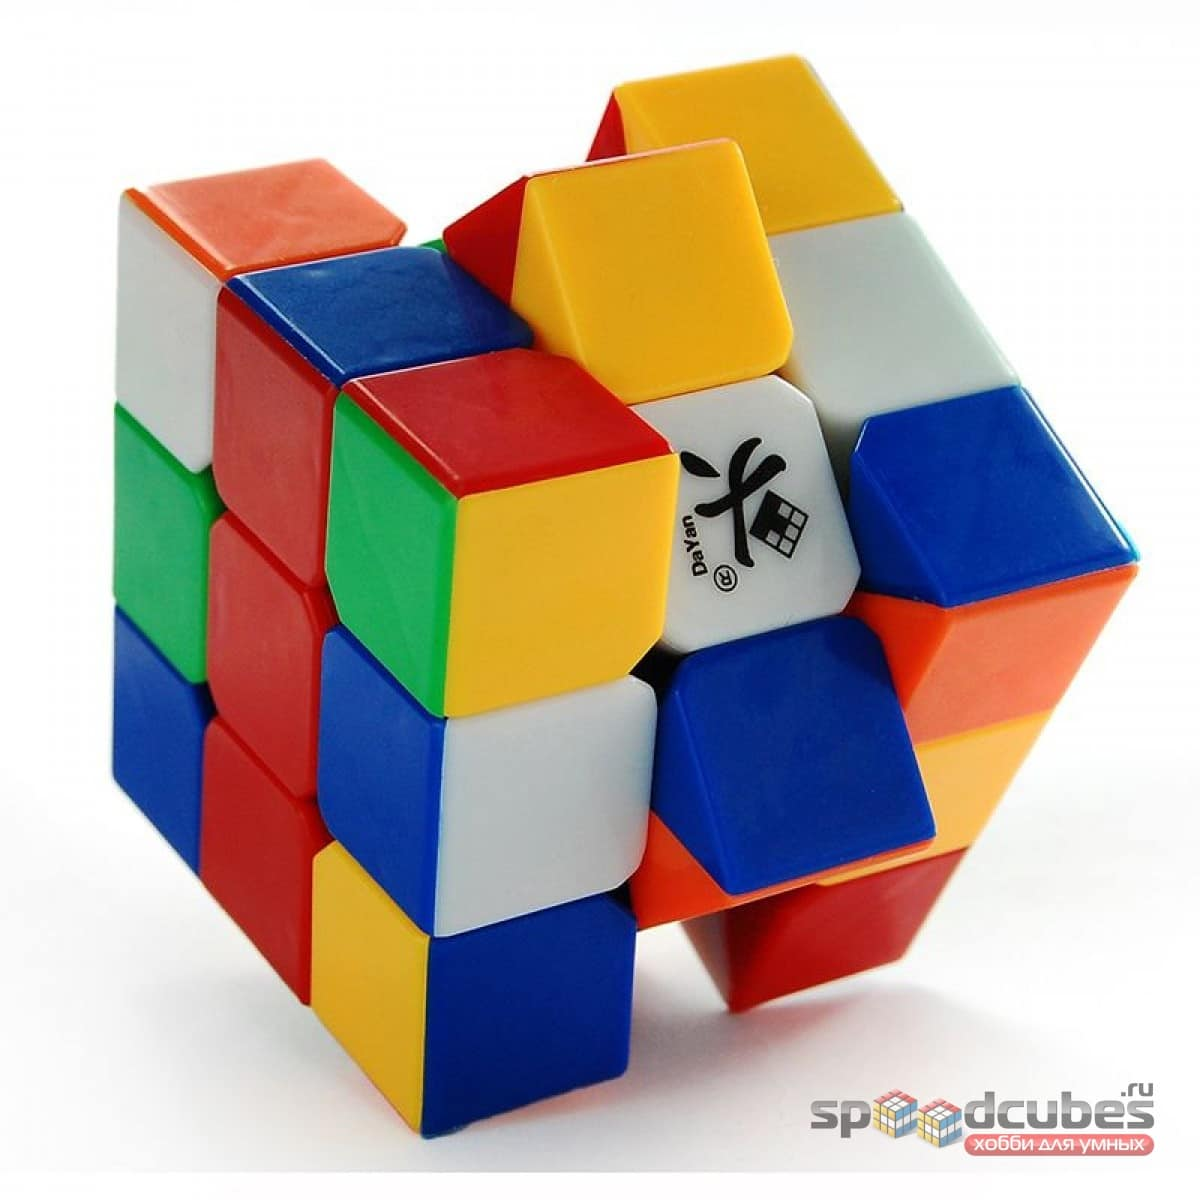 Dayan 5 3×3 Color 9